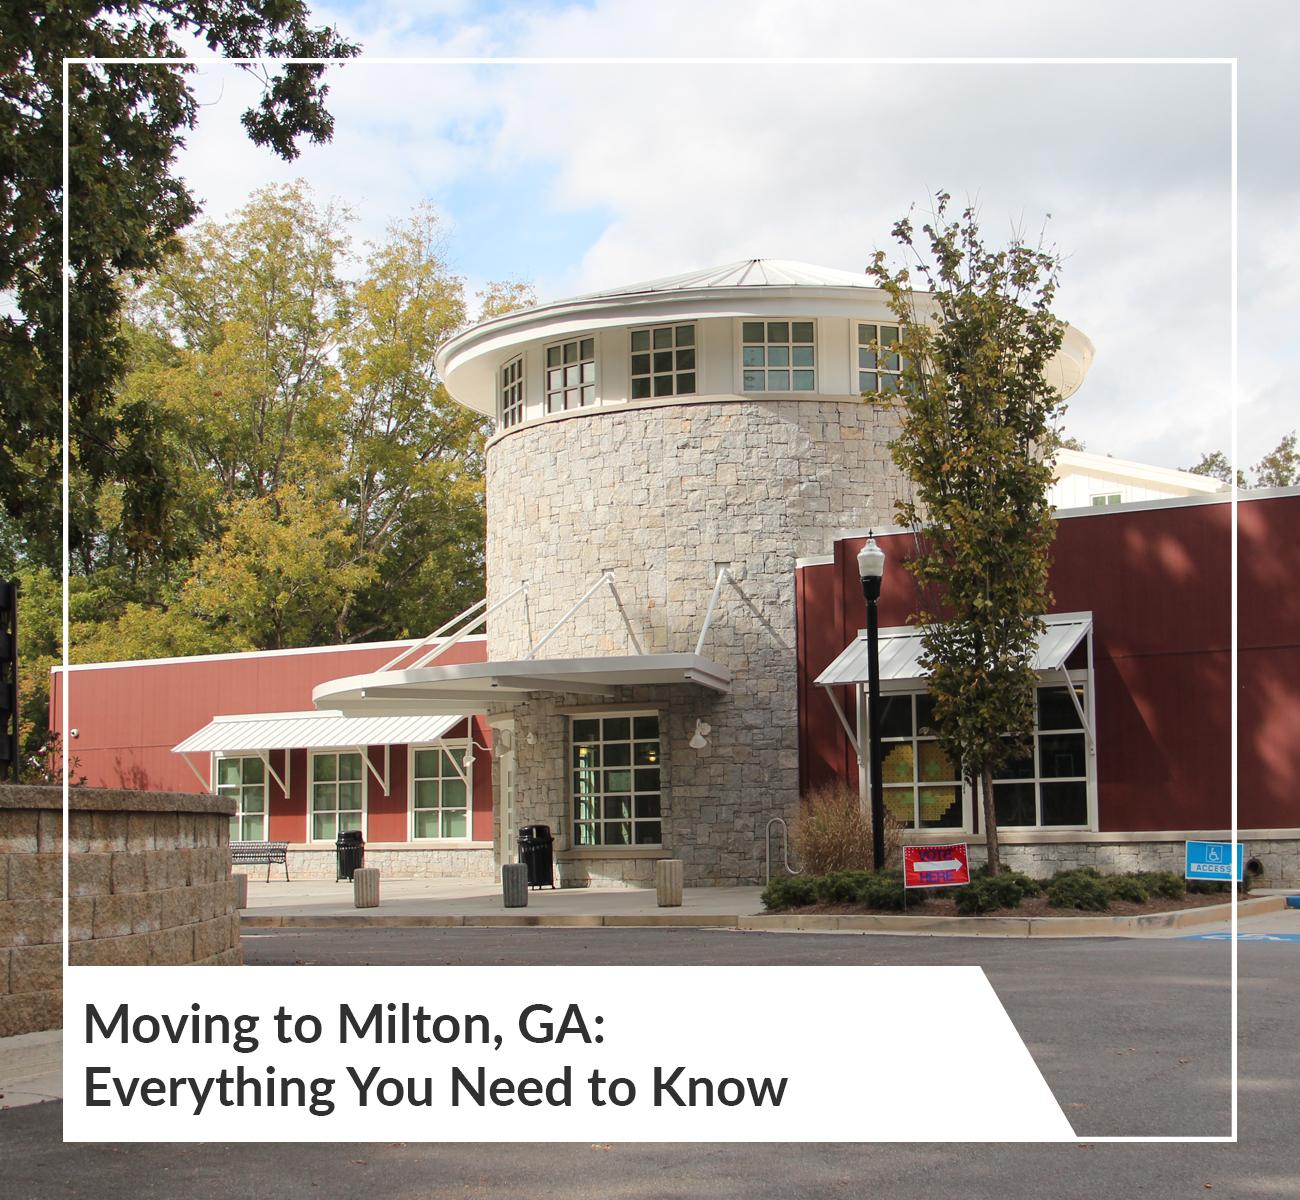 Moving To Milton, GA